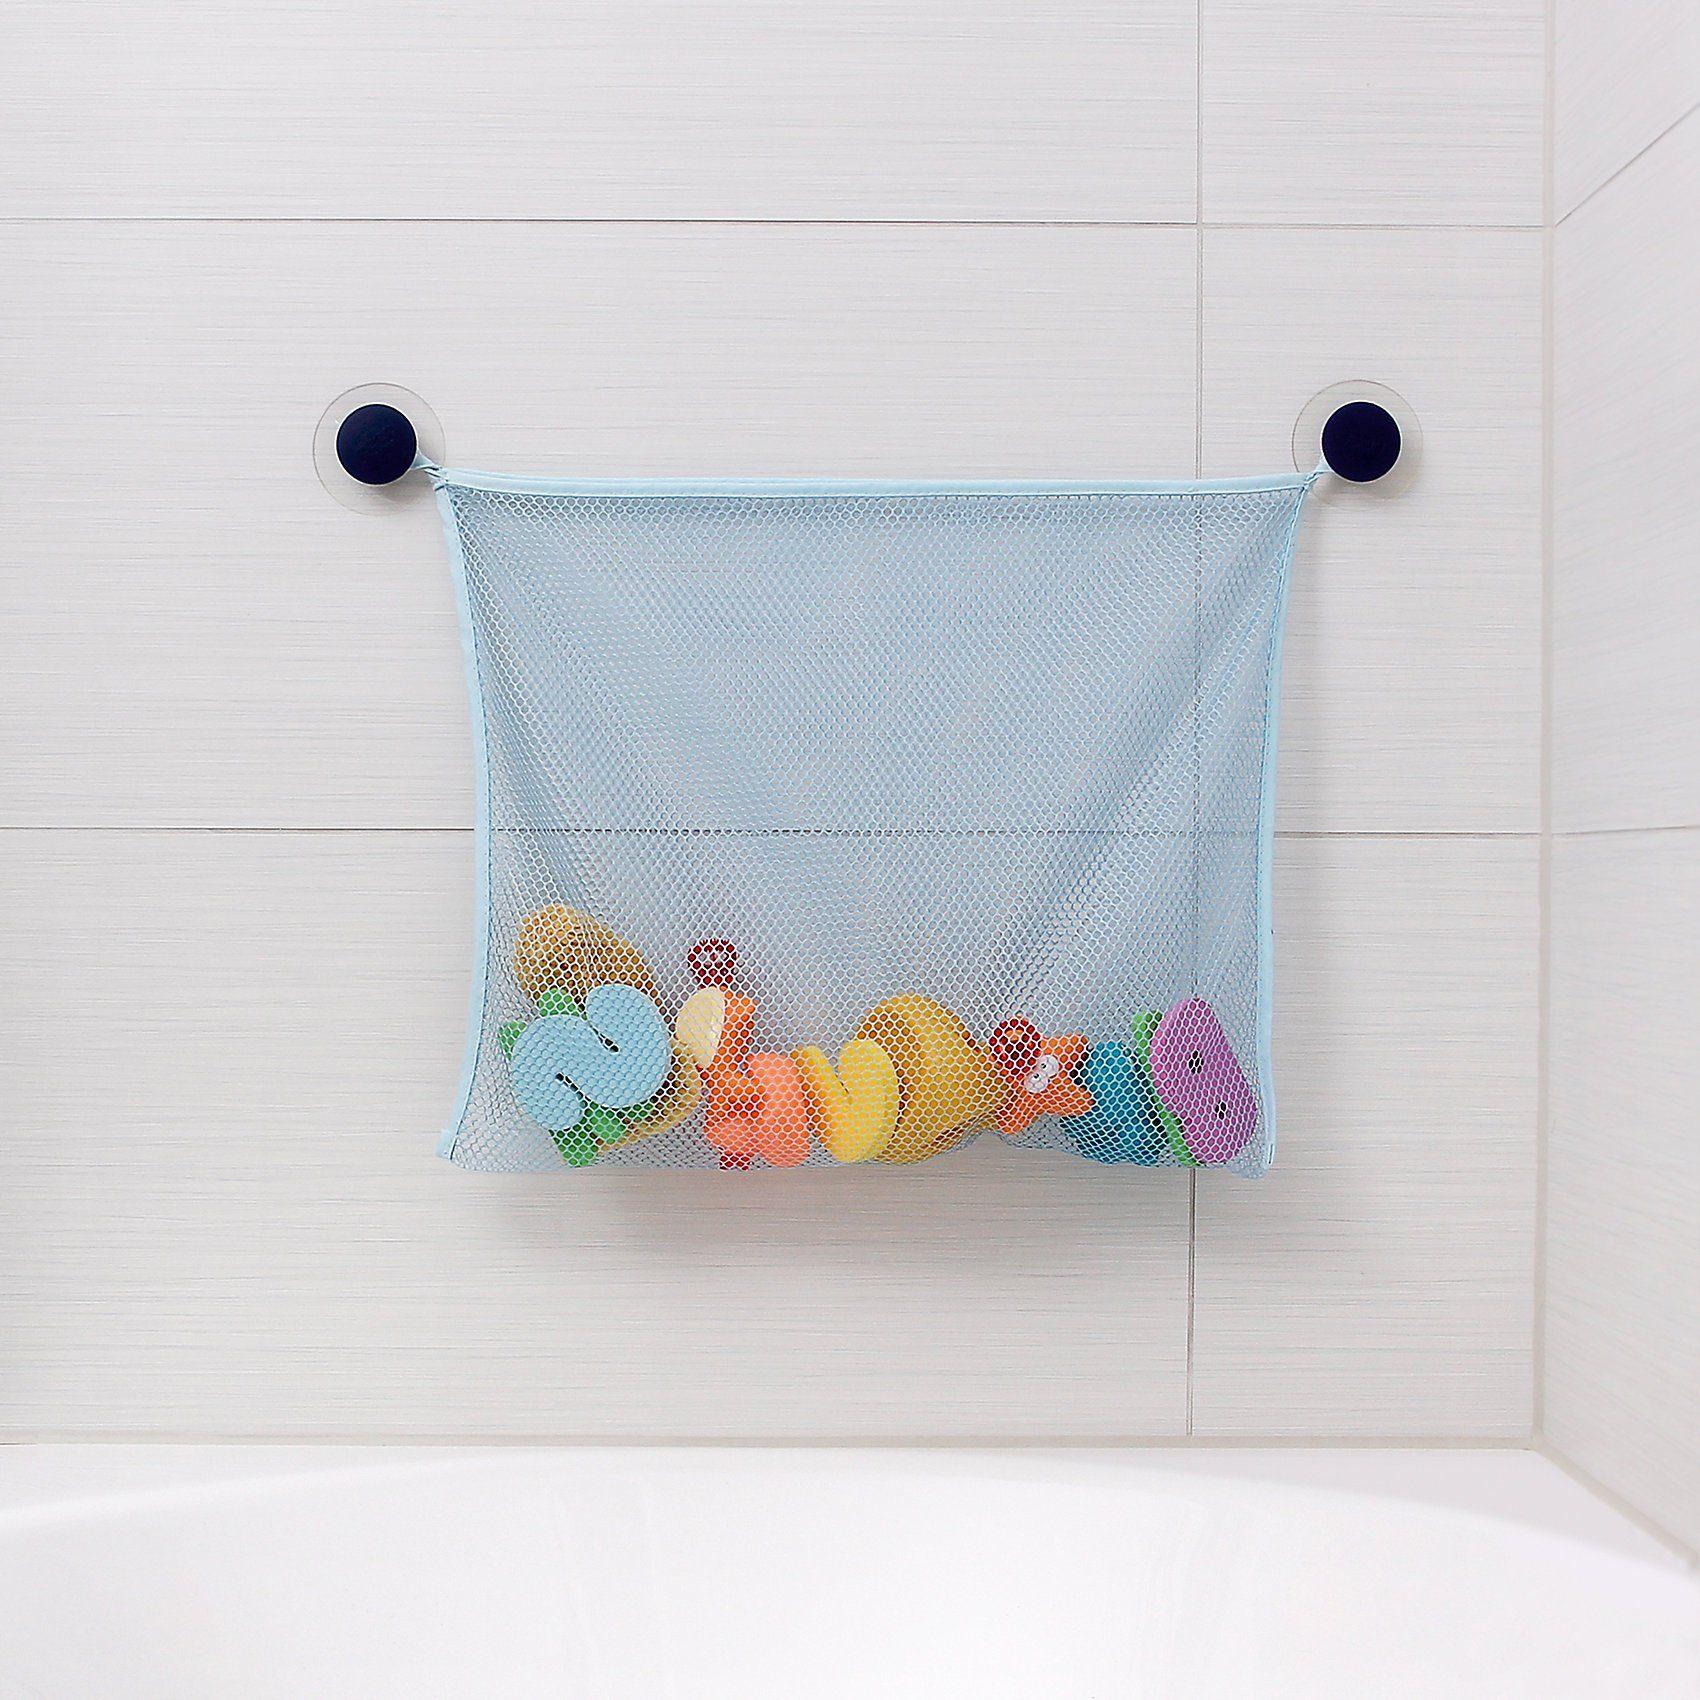 Reer Spielzeugnetz für Badewanne